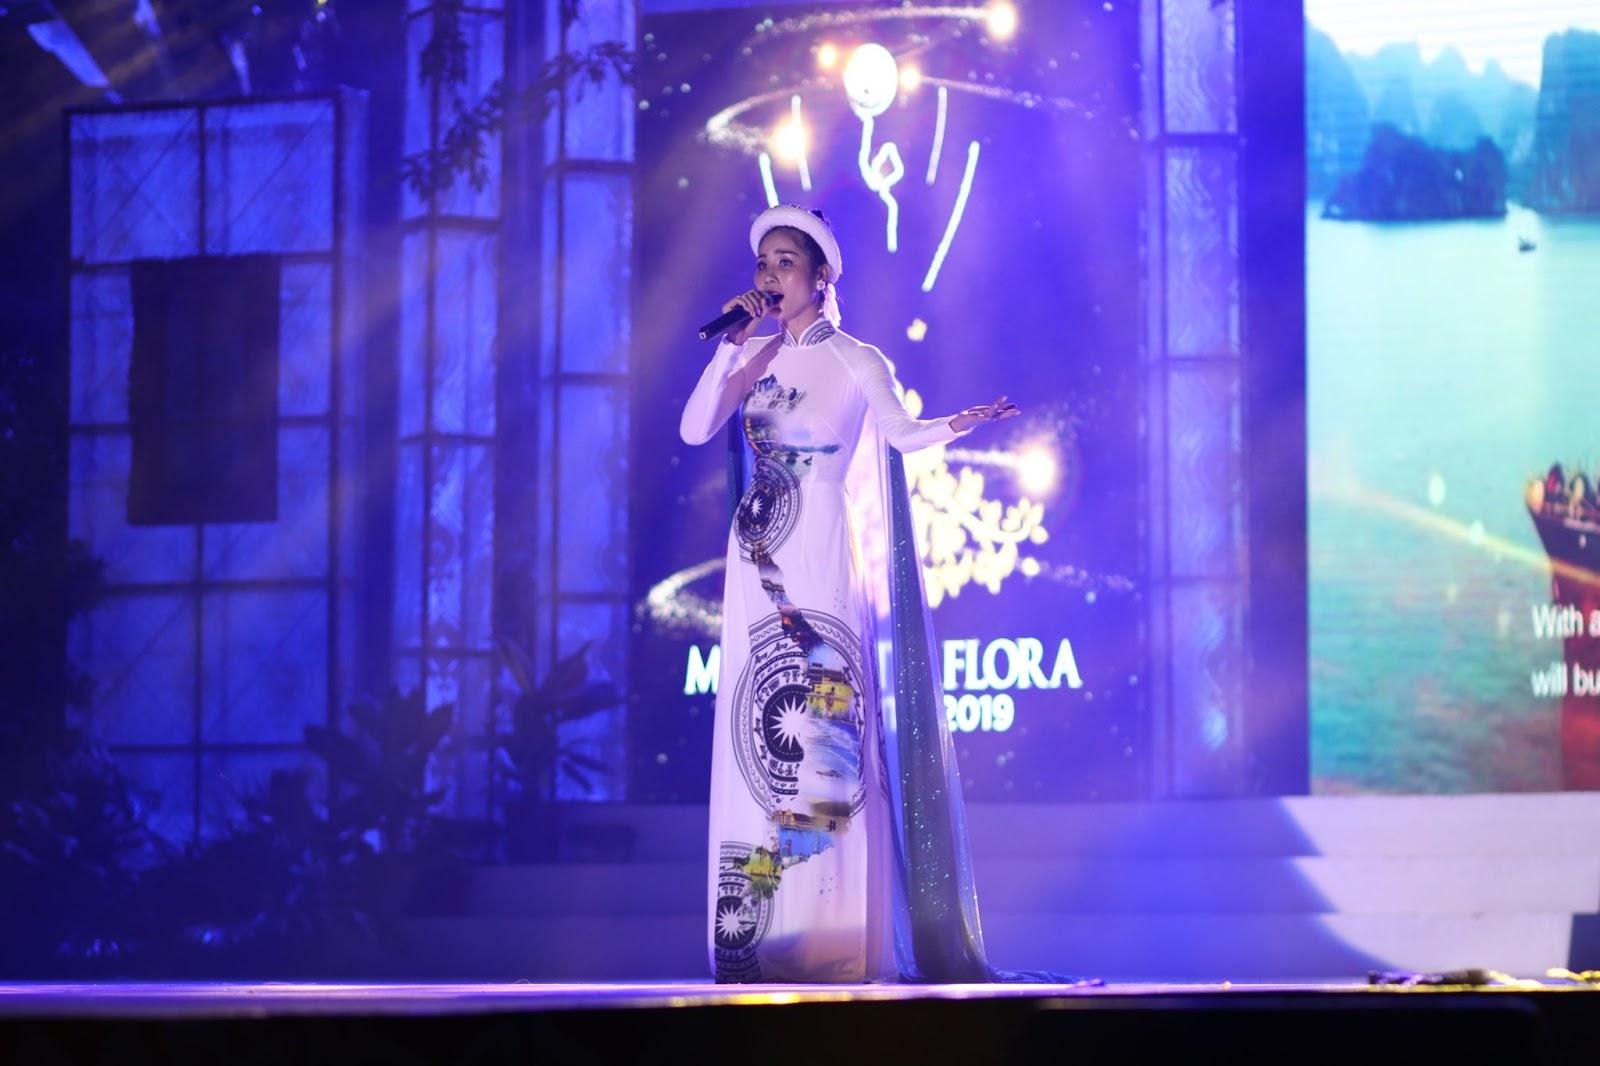 Đại diện Việt Nam tiếp tục giành huy chương thứ 3, vươn lên top 5 BXH huy chương tại Miss Earth - Hình 3